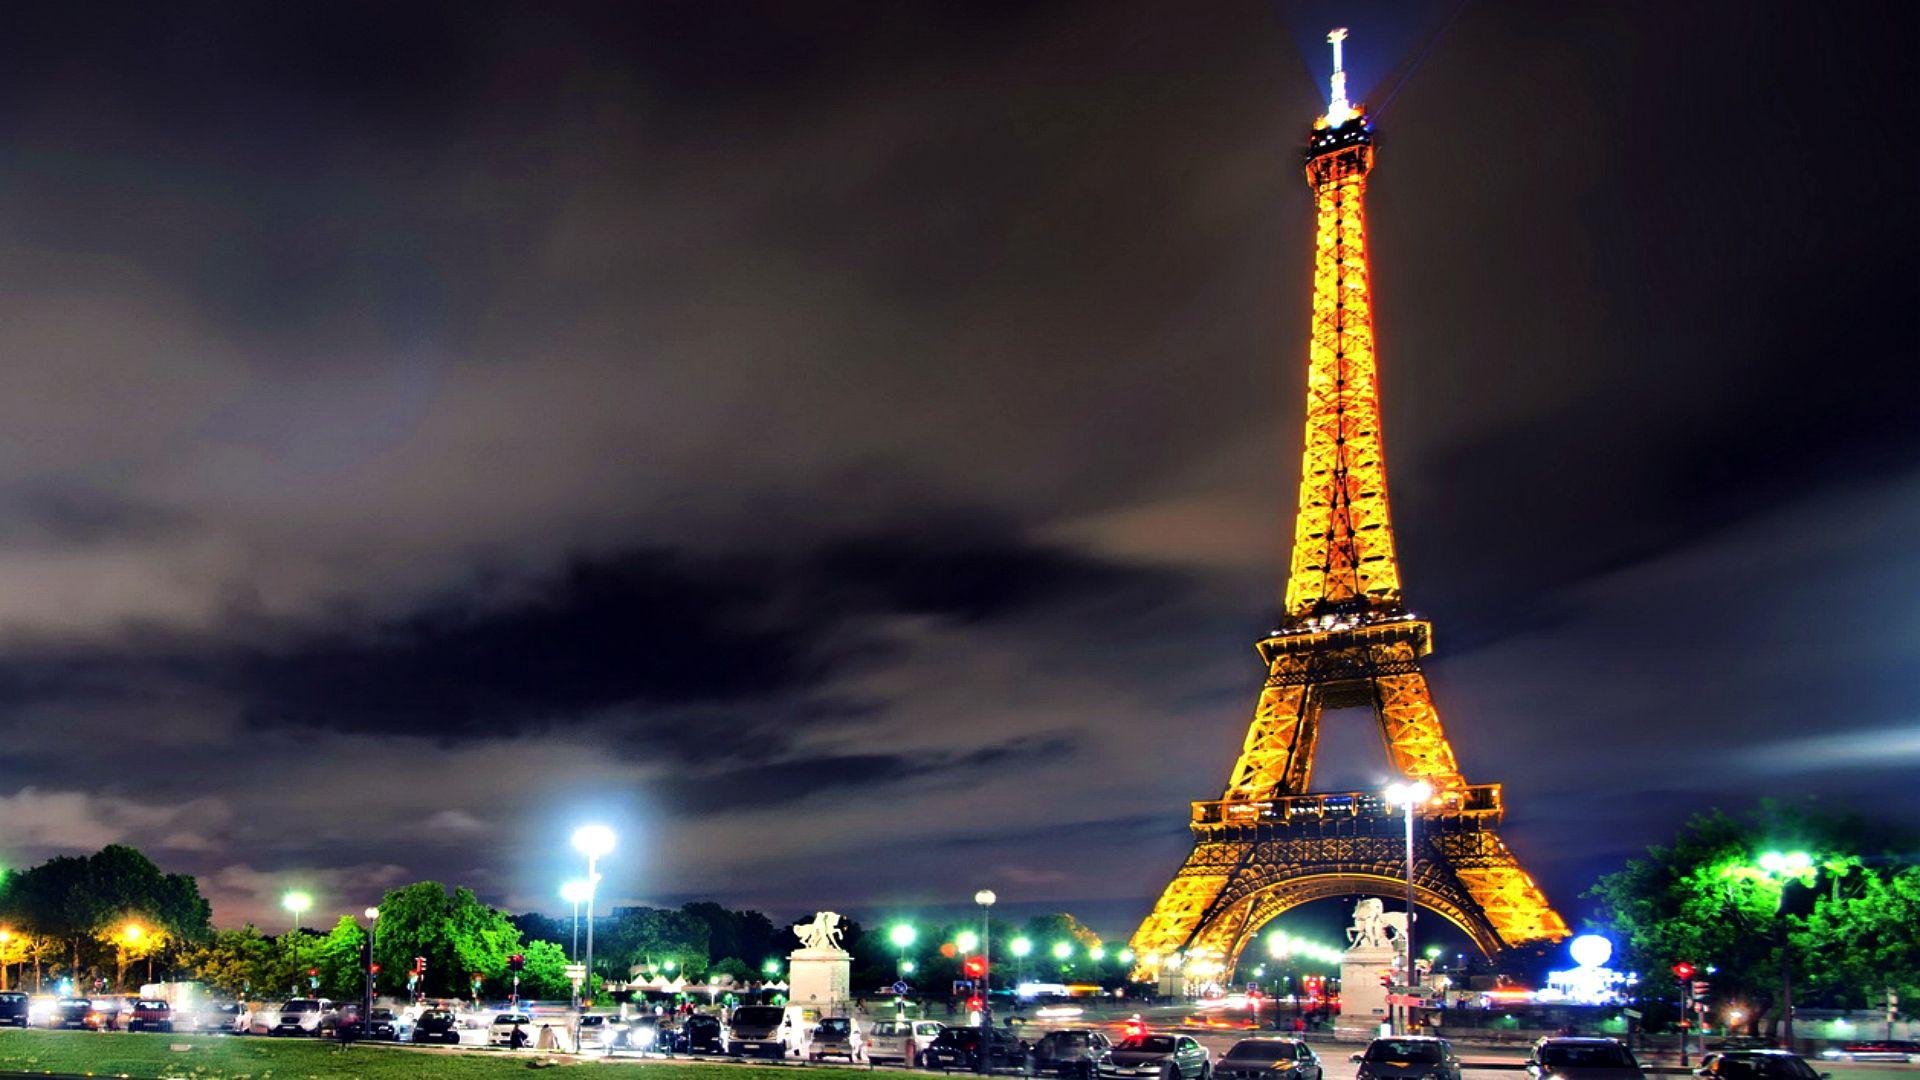 Eiffel Tower Tumblr Google Search Eiffel Tower Tumblr Google Search Wallpapers Paris